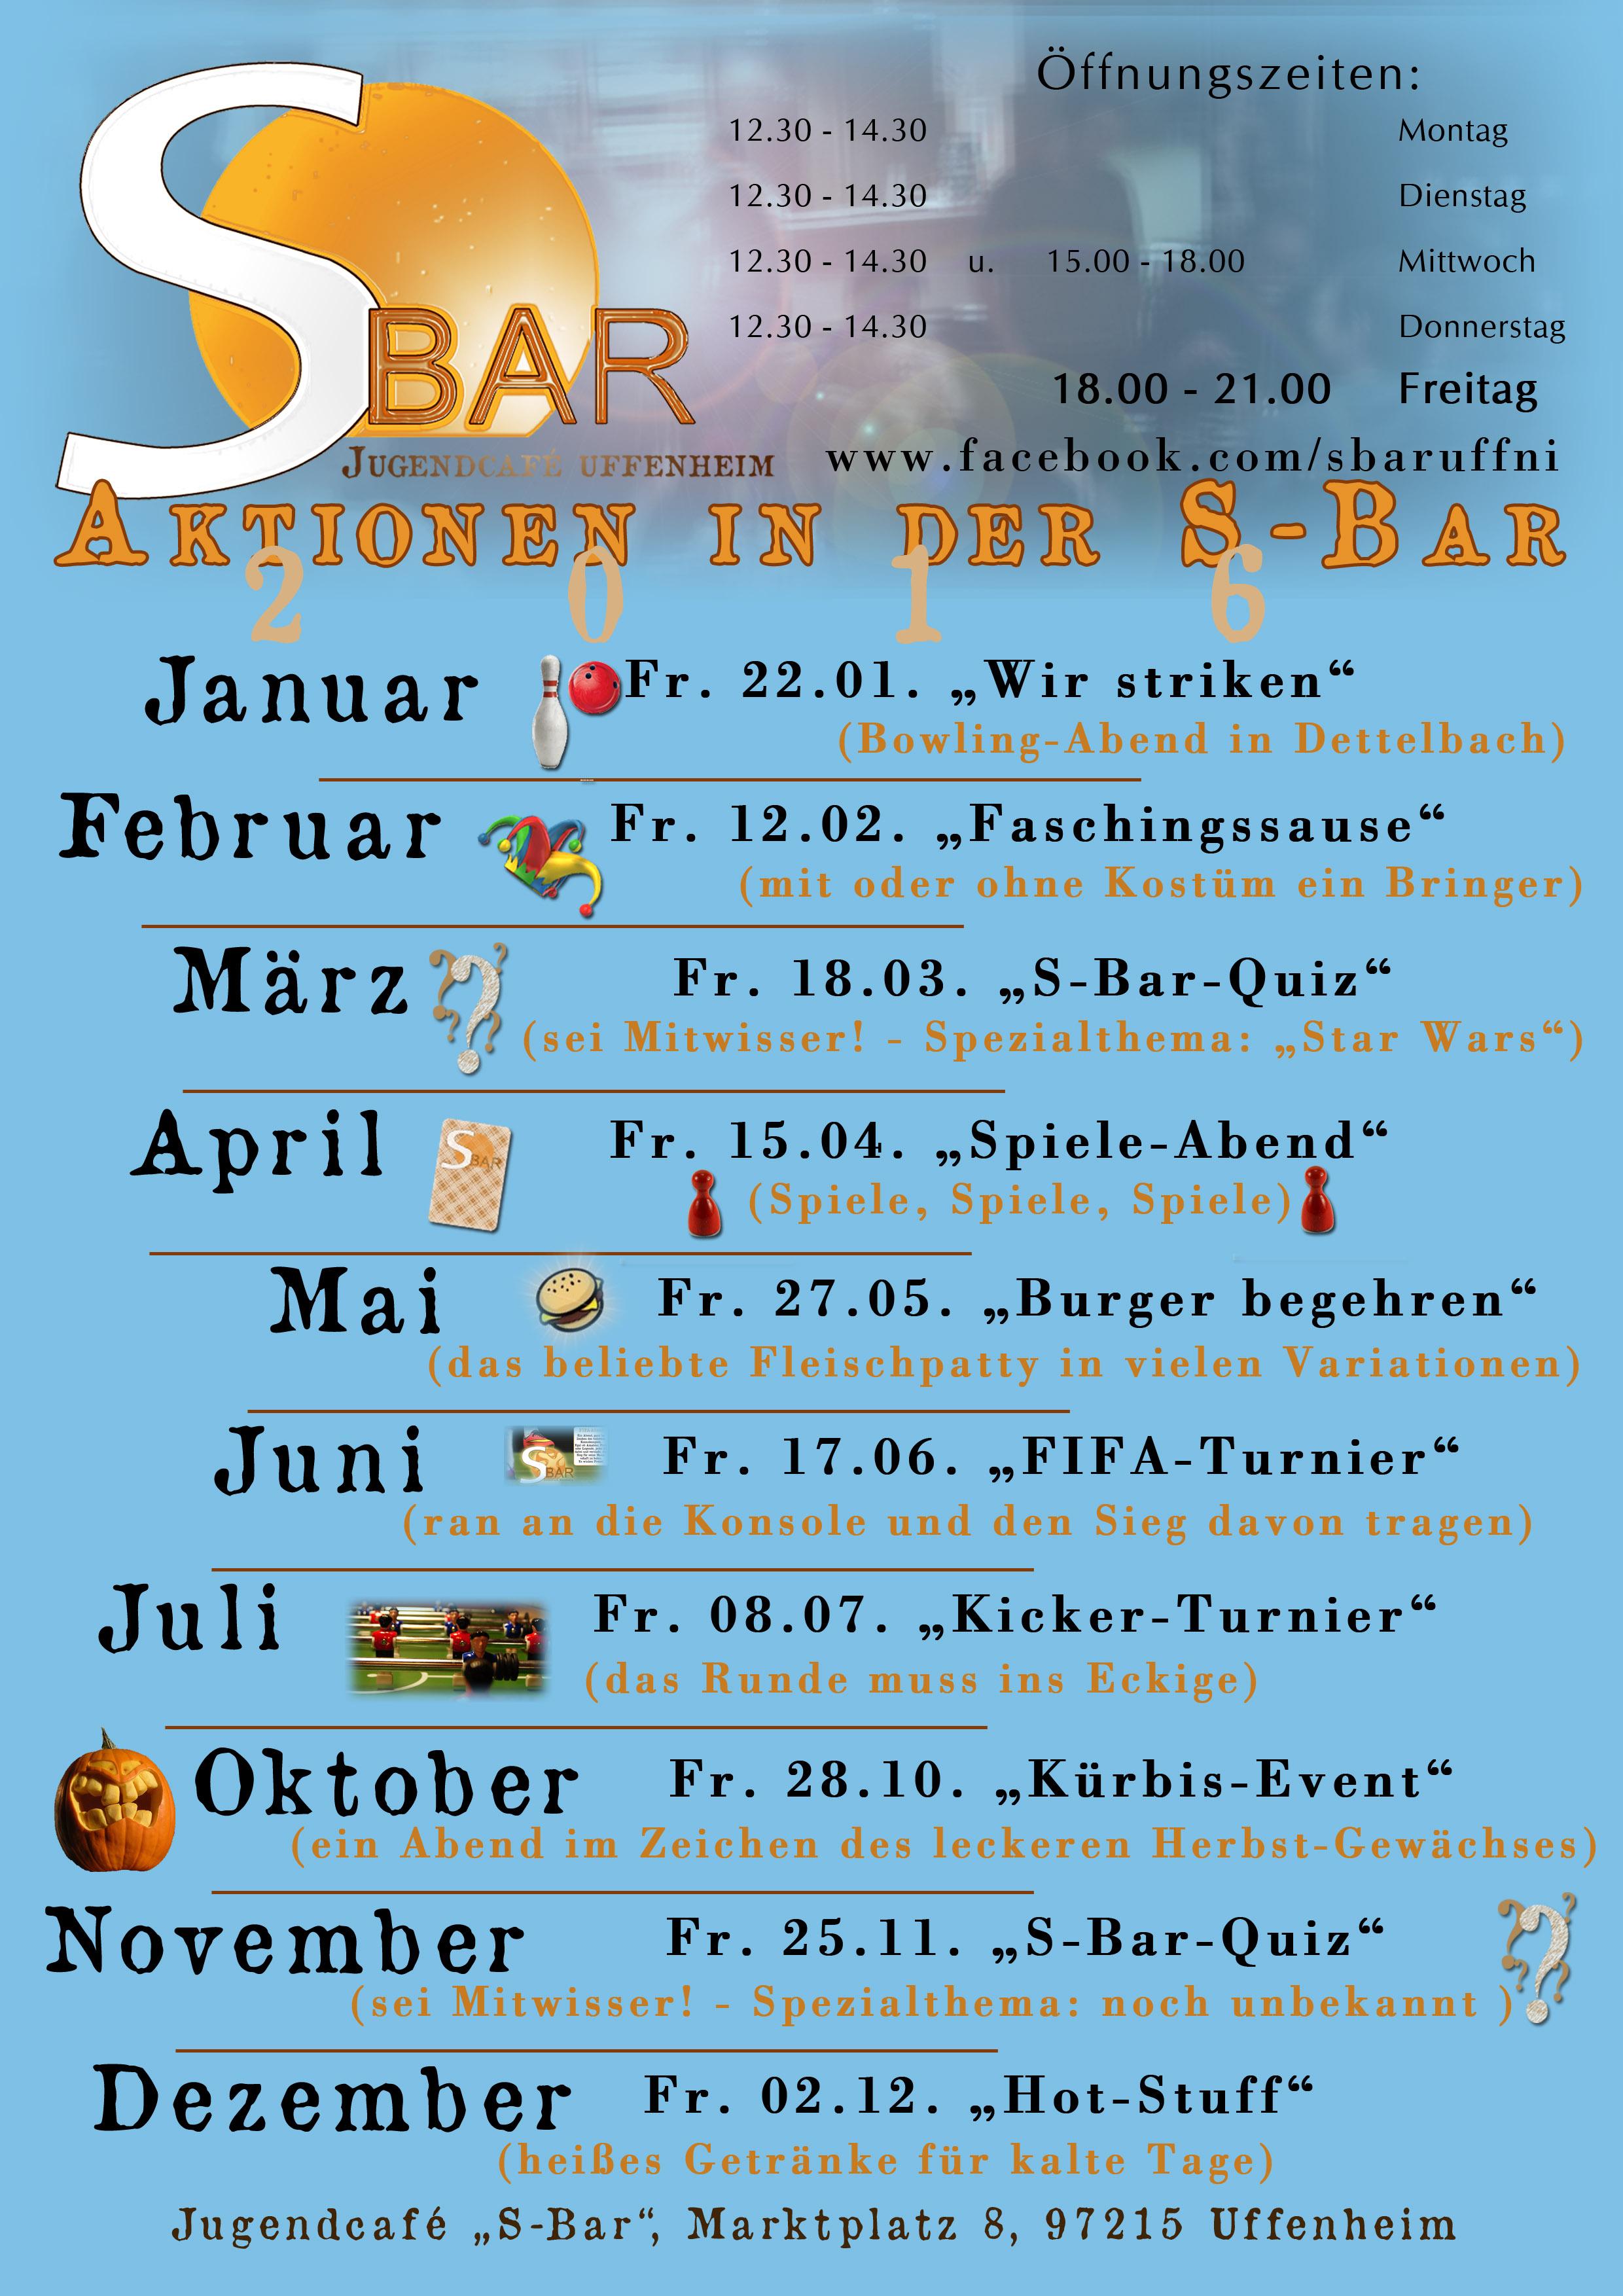 Jugendcafé S-Bar - Evangelische Jugend | EJ Uffenheim